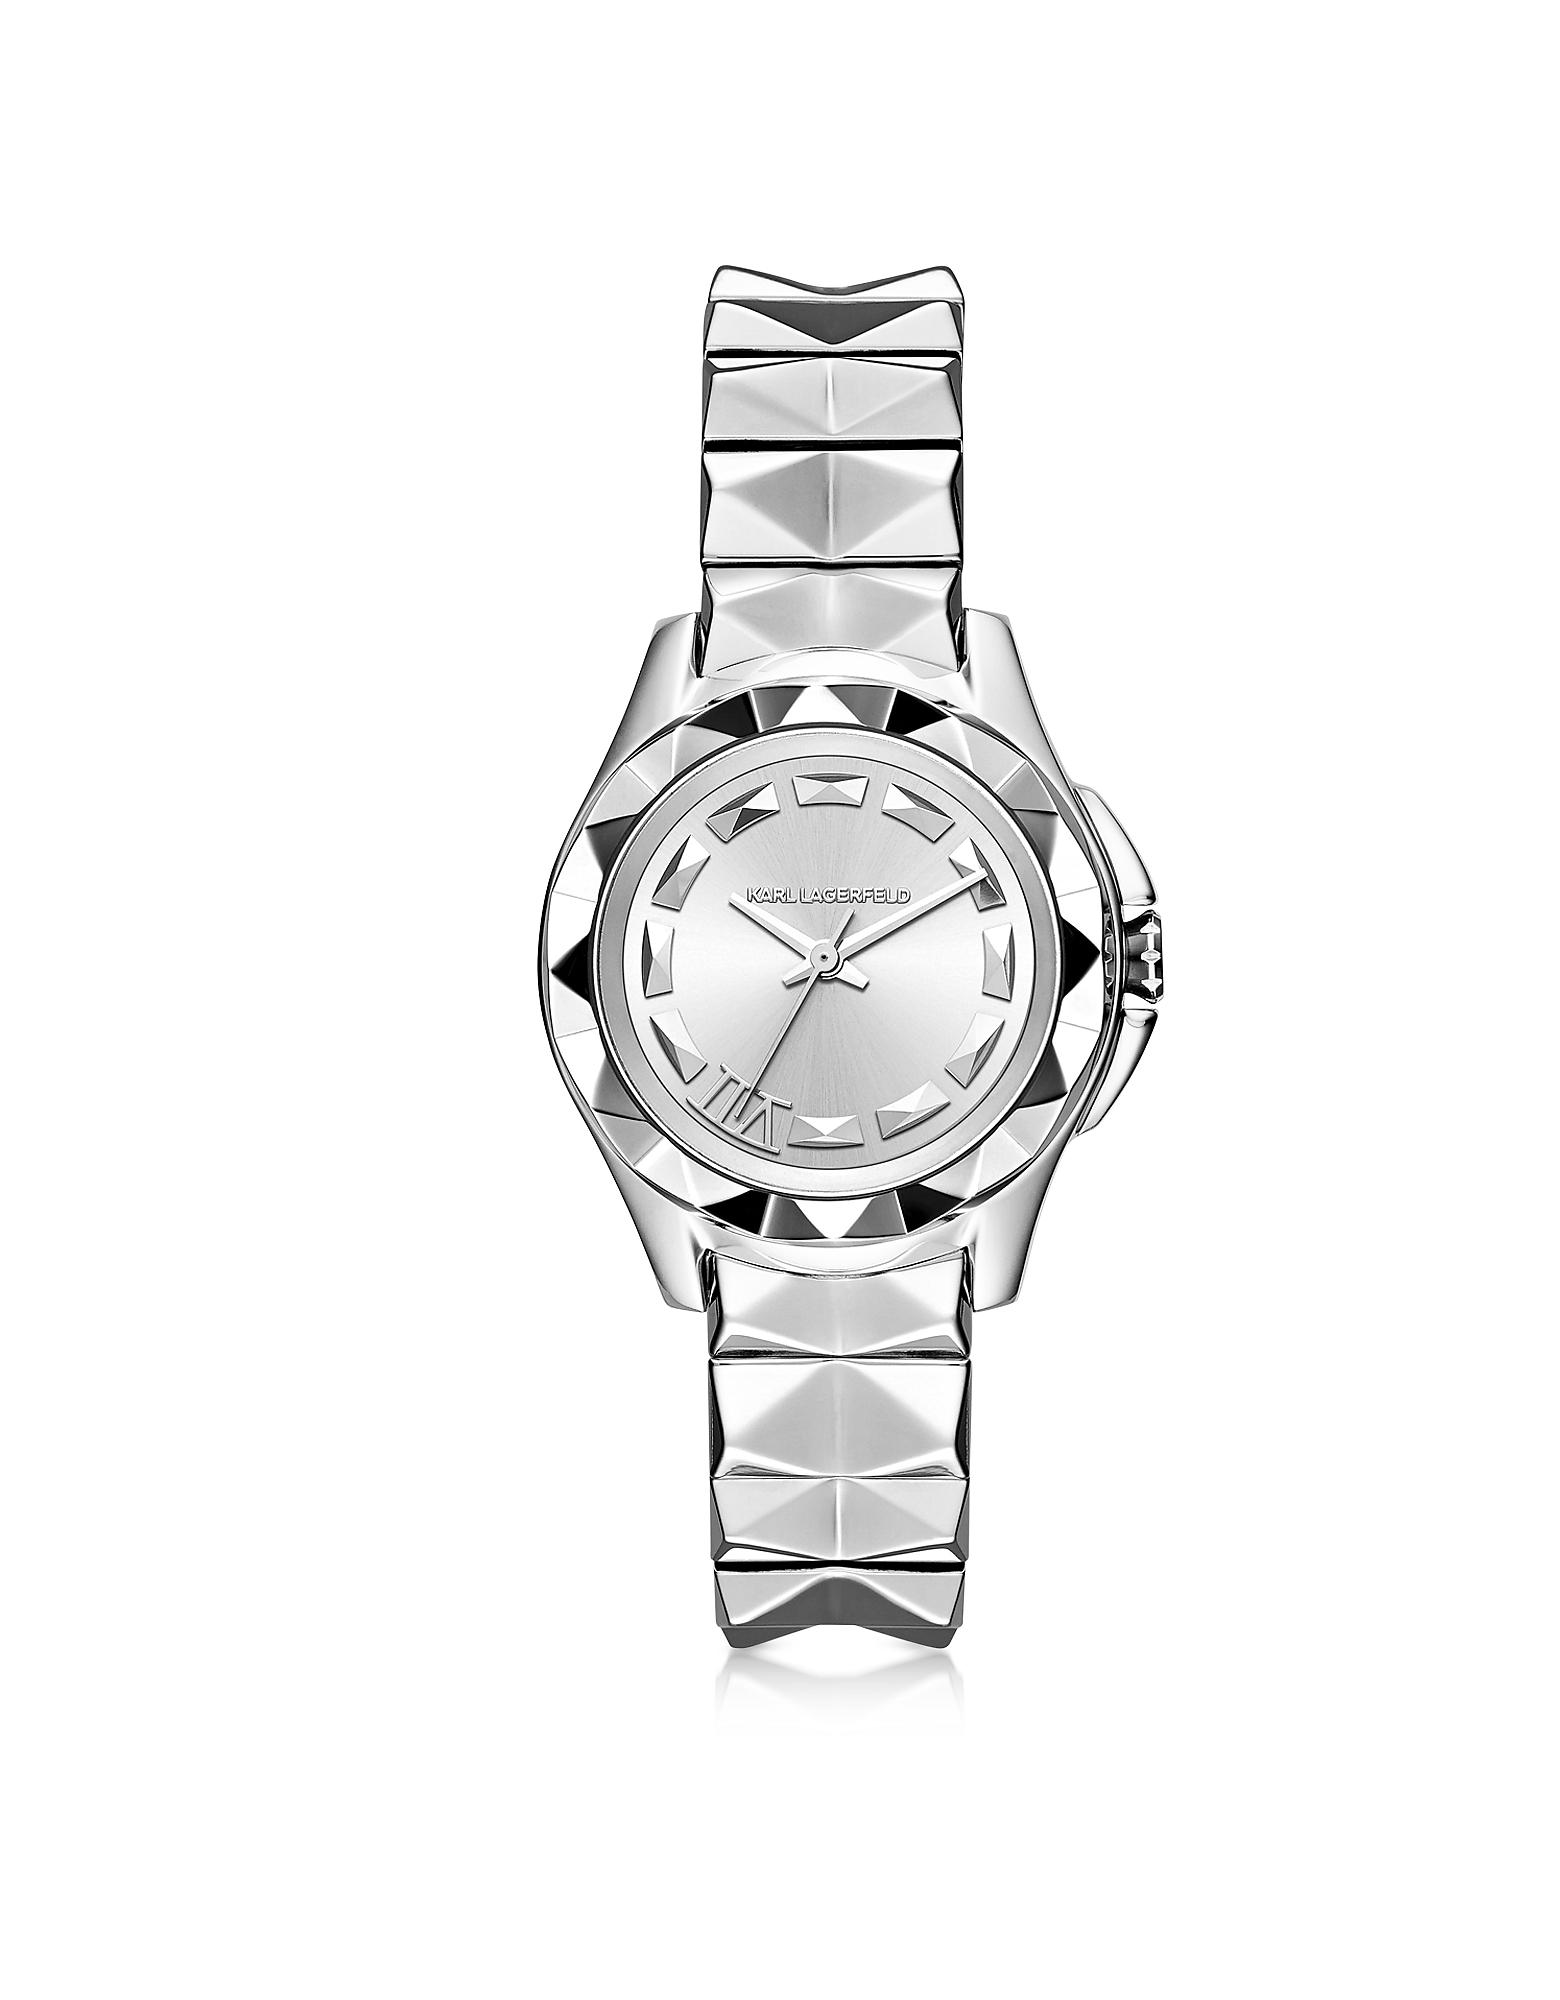 Karl Lagerfeld Karl 7 - 30 мм Женские Часы из Нержавеющей Стали с Напылением Серебра